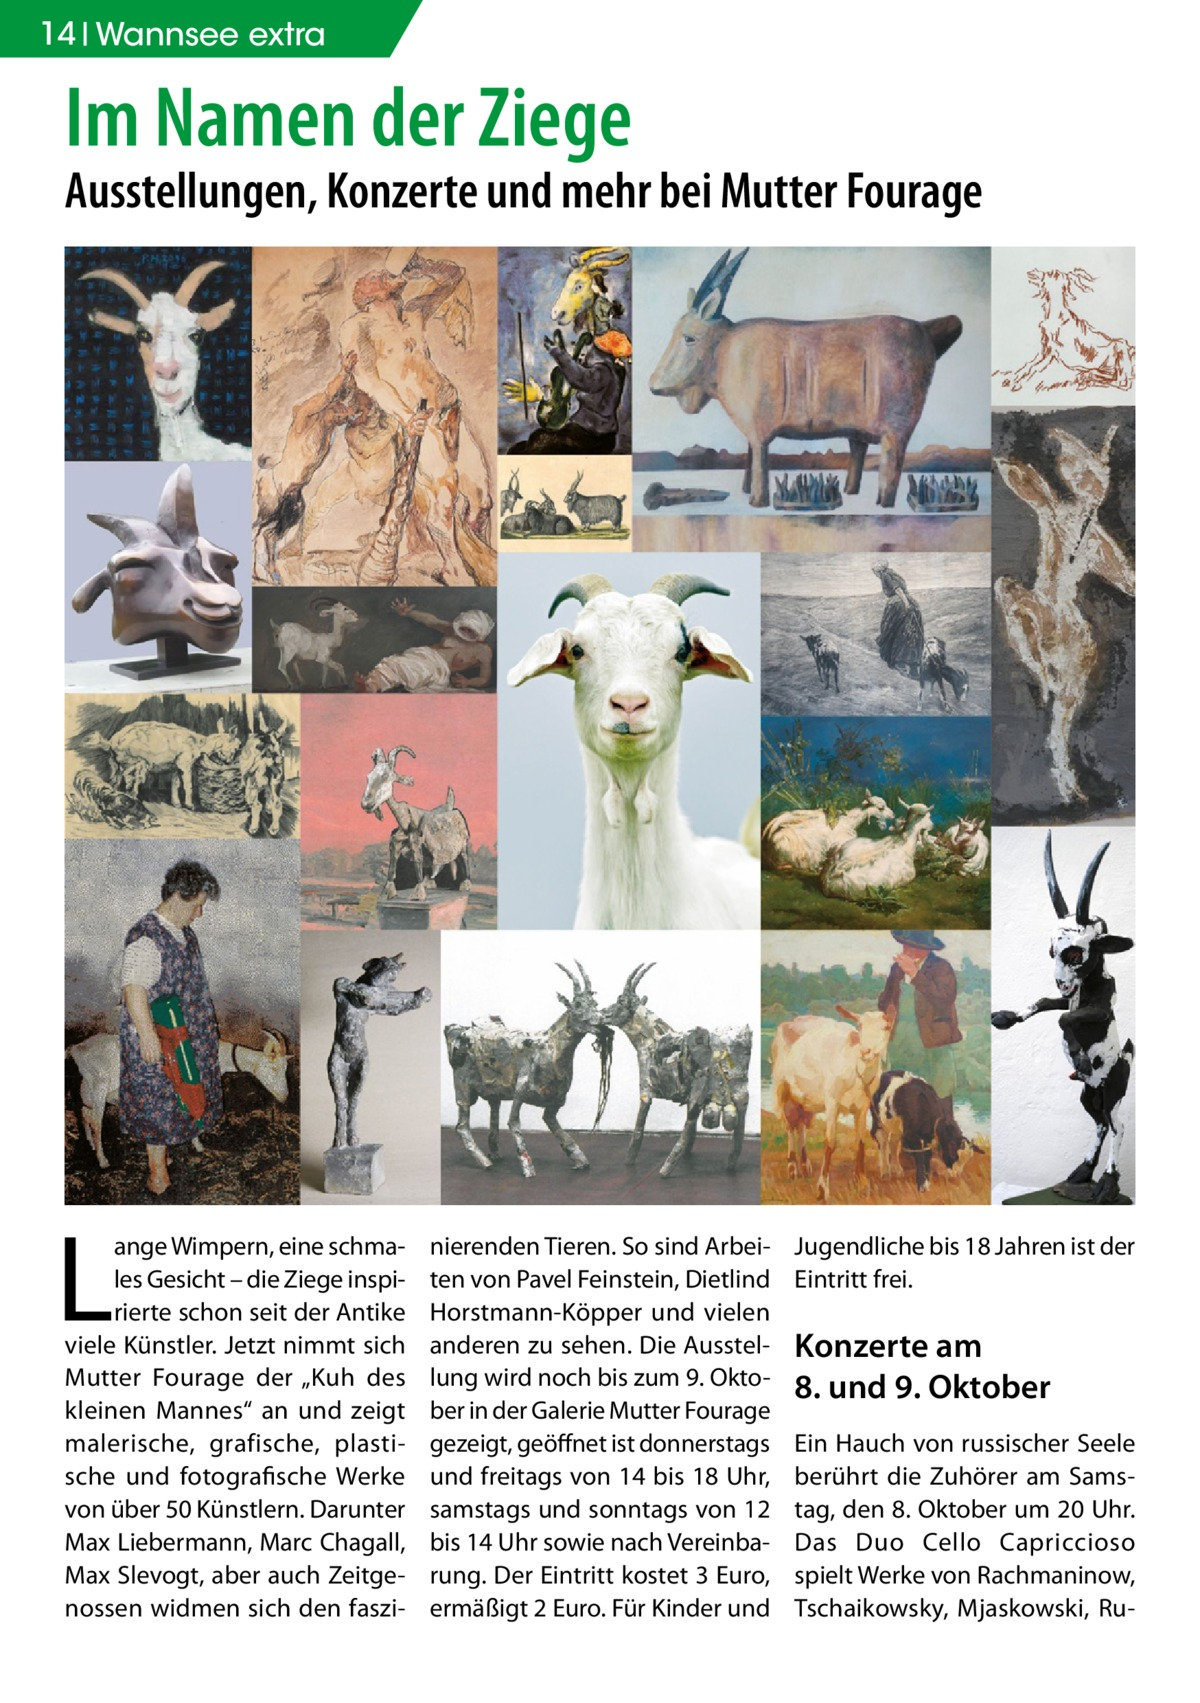 """14 Wannsee extra  Im Namen der Ziege  Ausstellungen, Konzerte und mehr bei Mutter Fourage  L  ange Wimpern, eine schmales Gesicht – die Ziege inspirierte schon seit der Antike viele Künstler. Jetzt nimmt sich Mutter Fourage der """"Kuh des kleinen Mannes"""" an und zeigt malerische, grafische, plastische und fotografische Werke von über 50 Künstlern. Darunter Max Liebermann, Marc Chagall, Max Slevogt, aber auch Zeitgenossen widmen sich den faszi nierenden Tieren. So sind Arbeiten von Pavel Feinstein, Dietlind Horstmann-Köpper und vielen anderen zu sehen. Die Ausstellung wird noch bis zum 9.Oktober in der Galerie Mutter Fourage gezeigt, geöffnet ist donnerstags und freitags von 14 bis 18Uhr, samstags und sonntags von 12 bis 14Uhr sowie nach Vereinbarung. Der Eintritt kostet 3Euro, ermäßigt 2Euro. Für Kinder und  Jugendliche bis 18Jahren ist der Eintritt frei.  Konzerte am 8. und 9.Oktober Ein Hauch von russischer Seele berührt die Zuhörer am Samstag, den 8.Oktober um 20Uhr. Das Duo Cello Capriccioso spielt Werke von Rachmaninow, Tschaikowsky, Mjaskowski, R"""